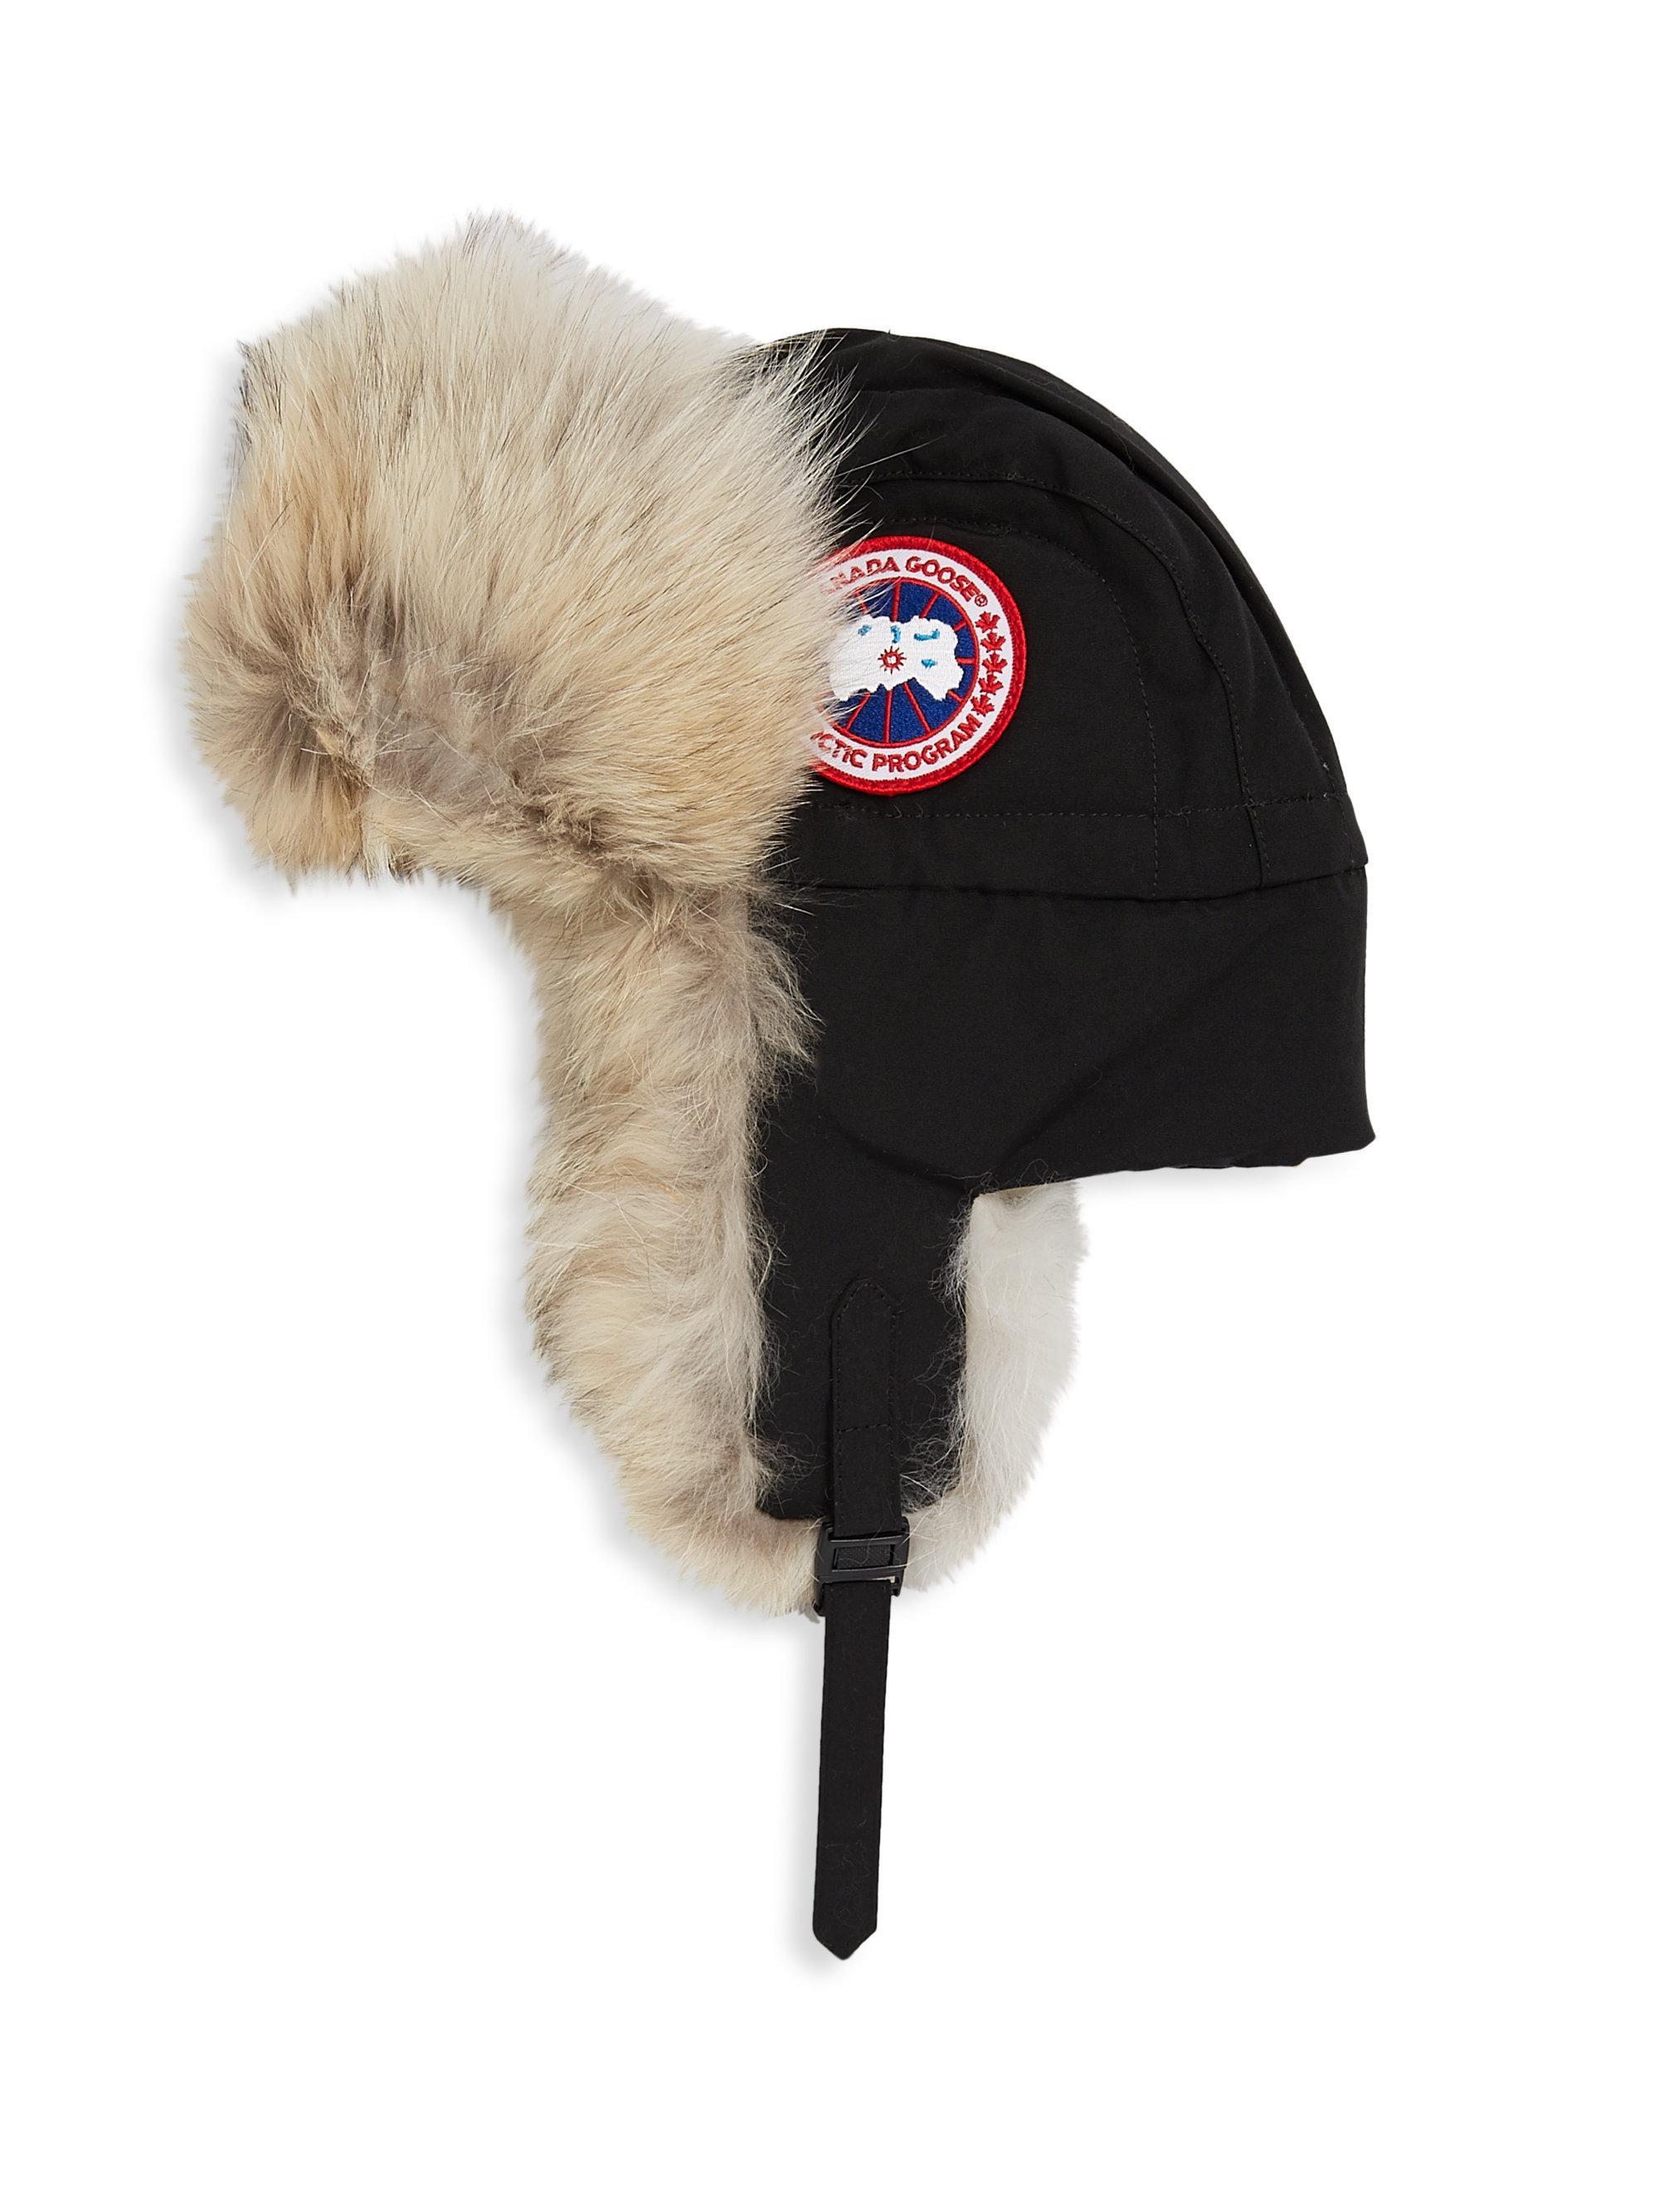 c05bcc3775d Canada Goose - Black Aviator Fur Hat for Men - Lyst. View fullscreen